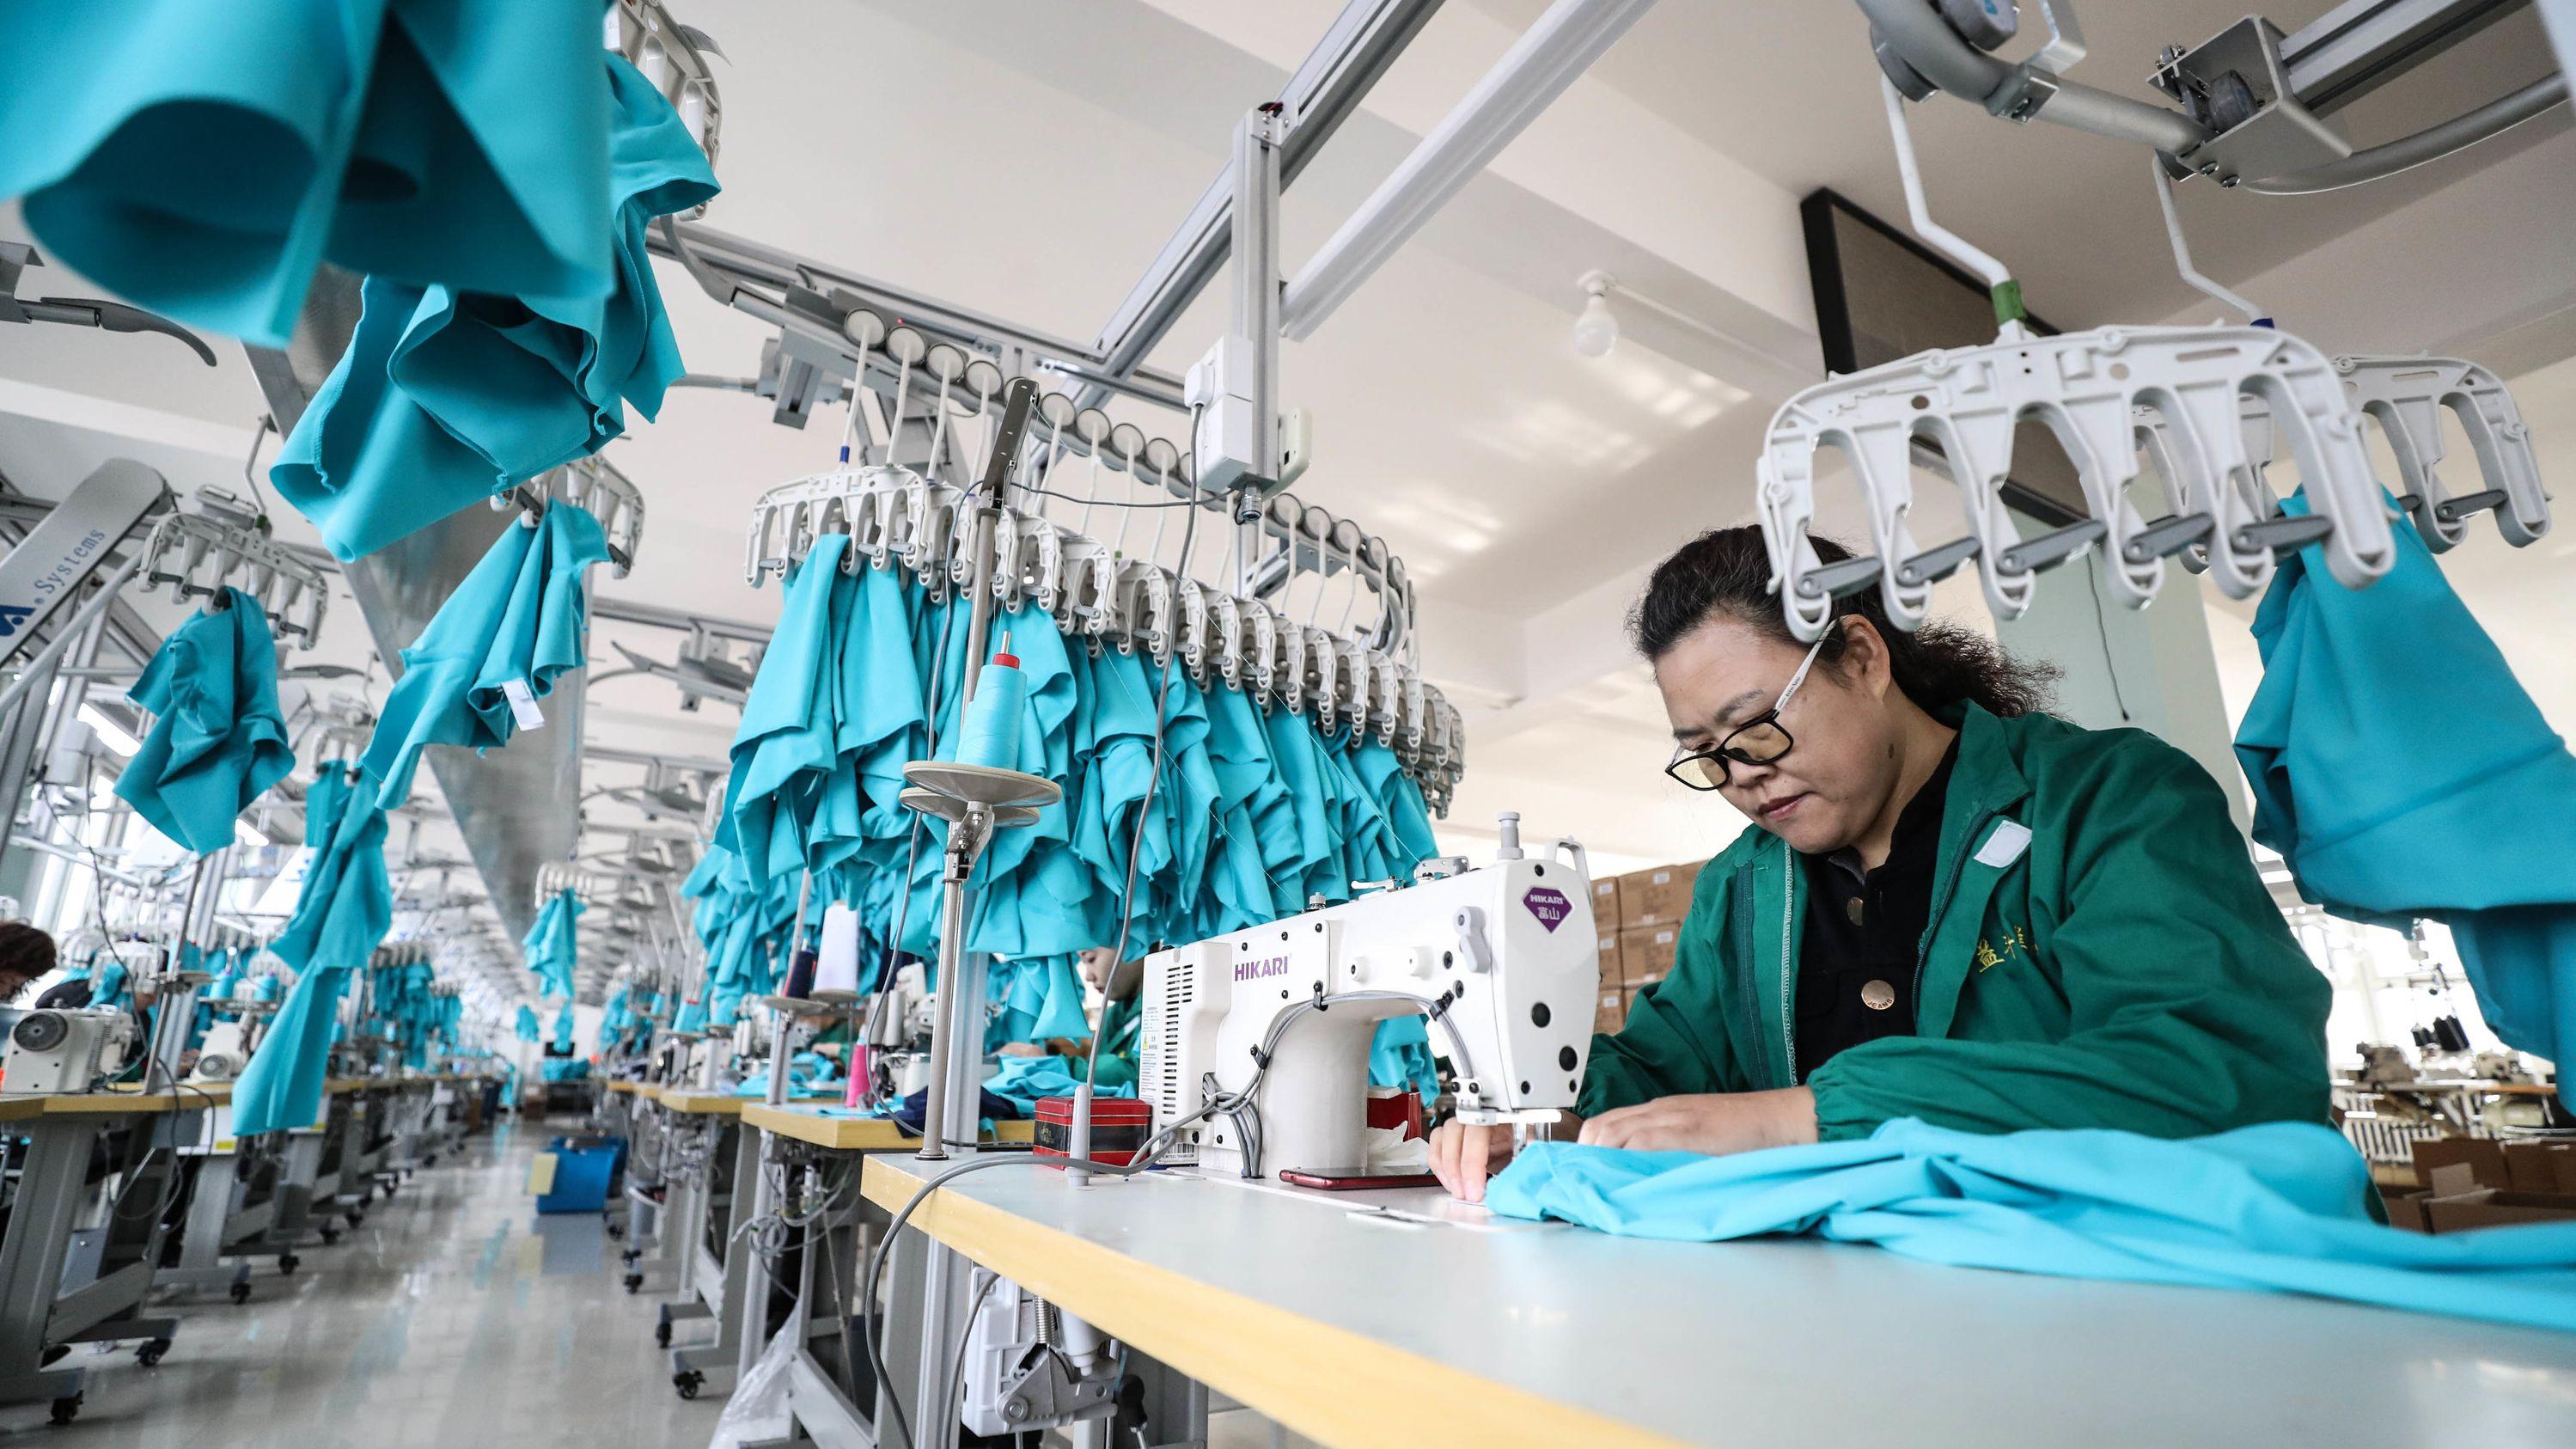 Eine Näherin arbeitet an ihrer Nähmaschine in der Fabrik Sportbekleidungsunternehmens.